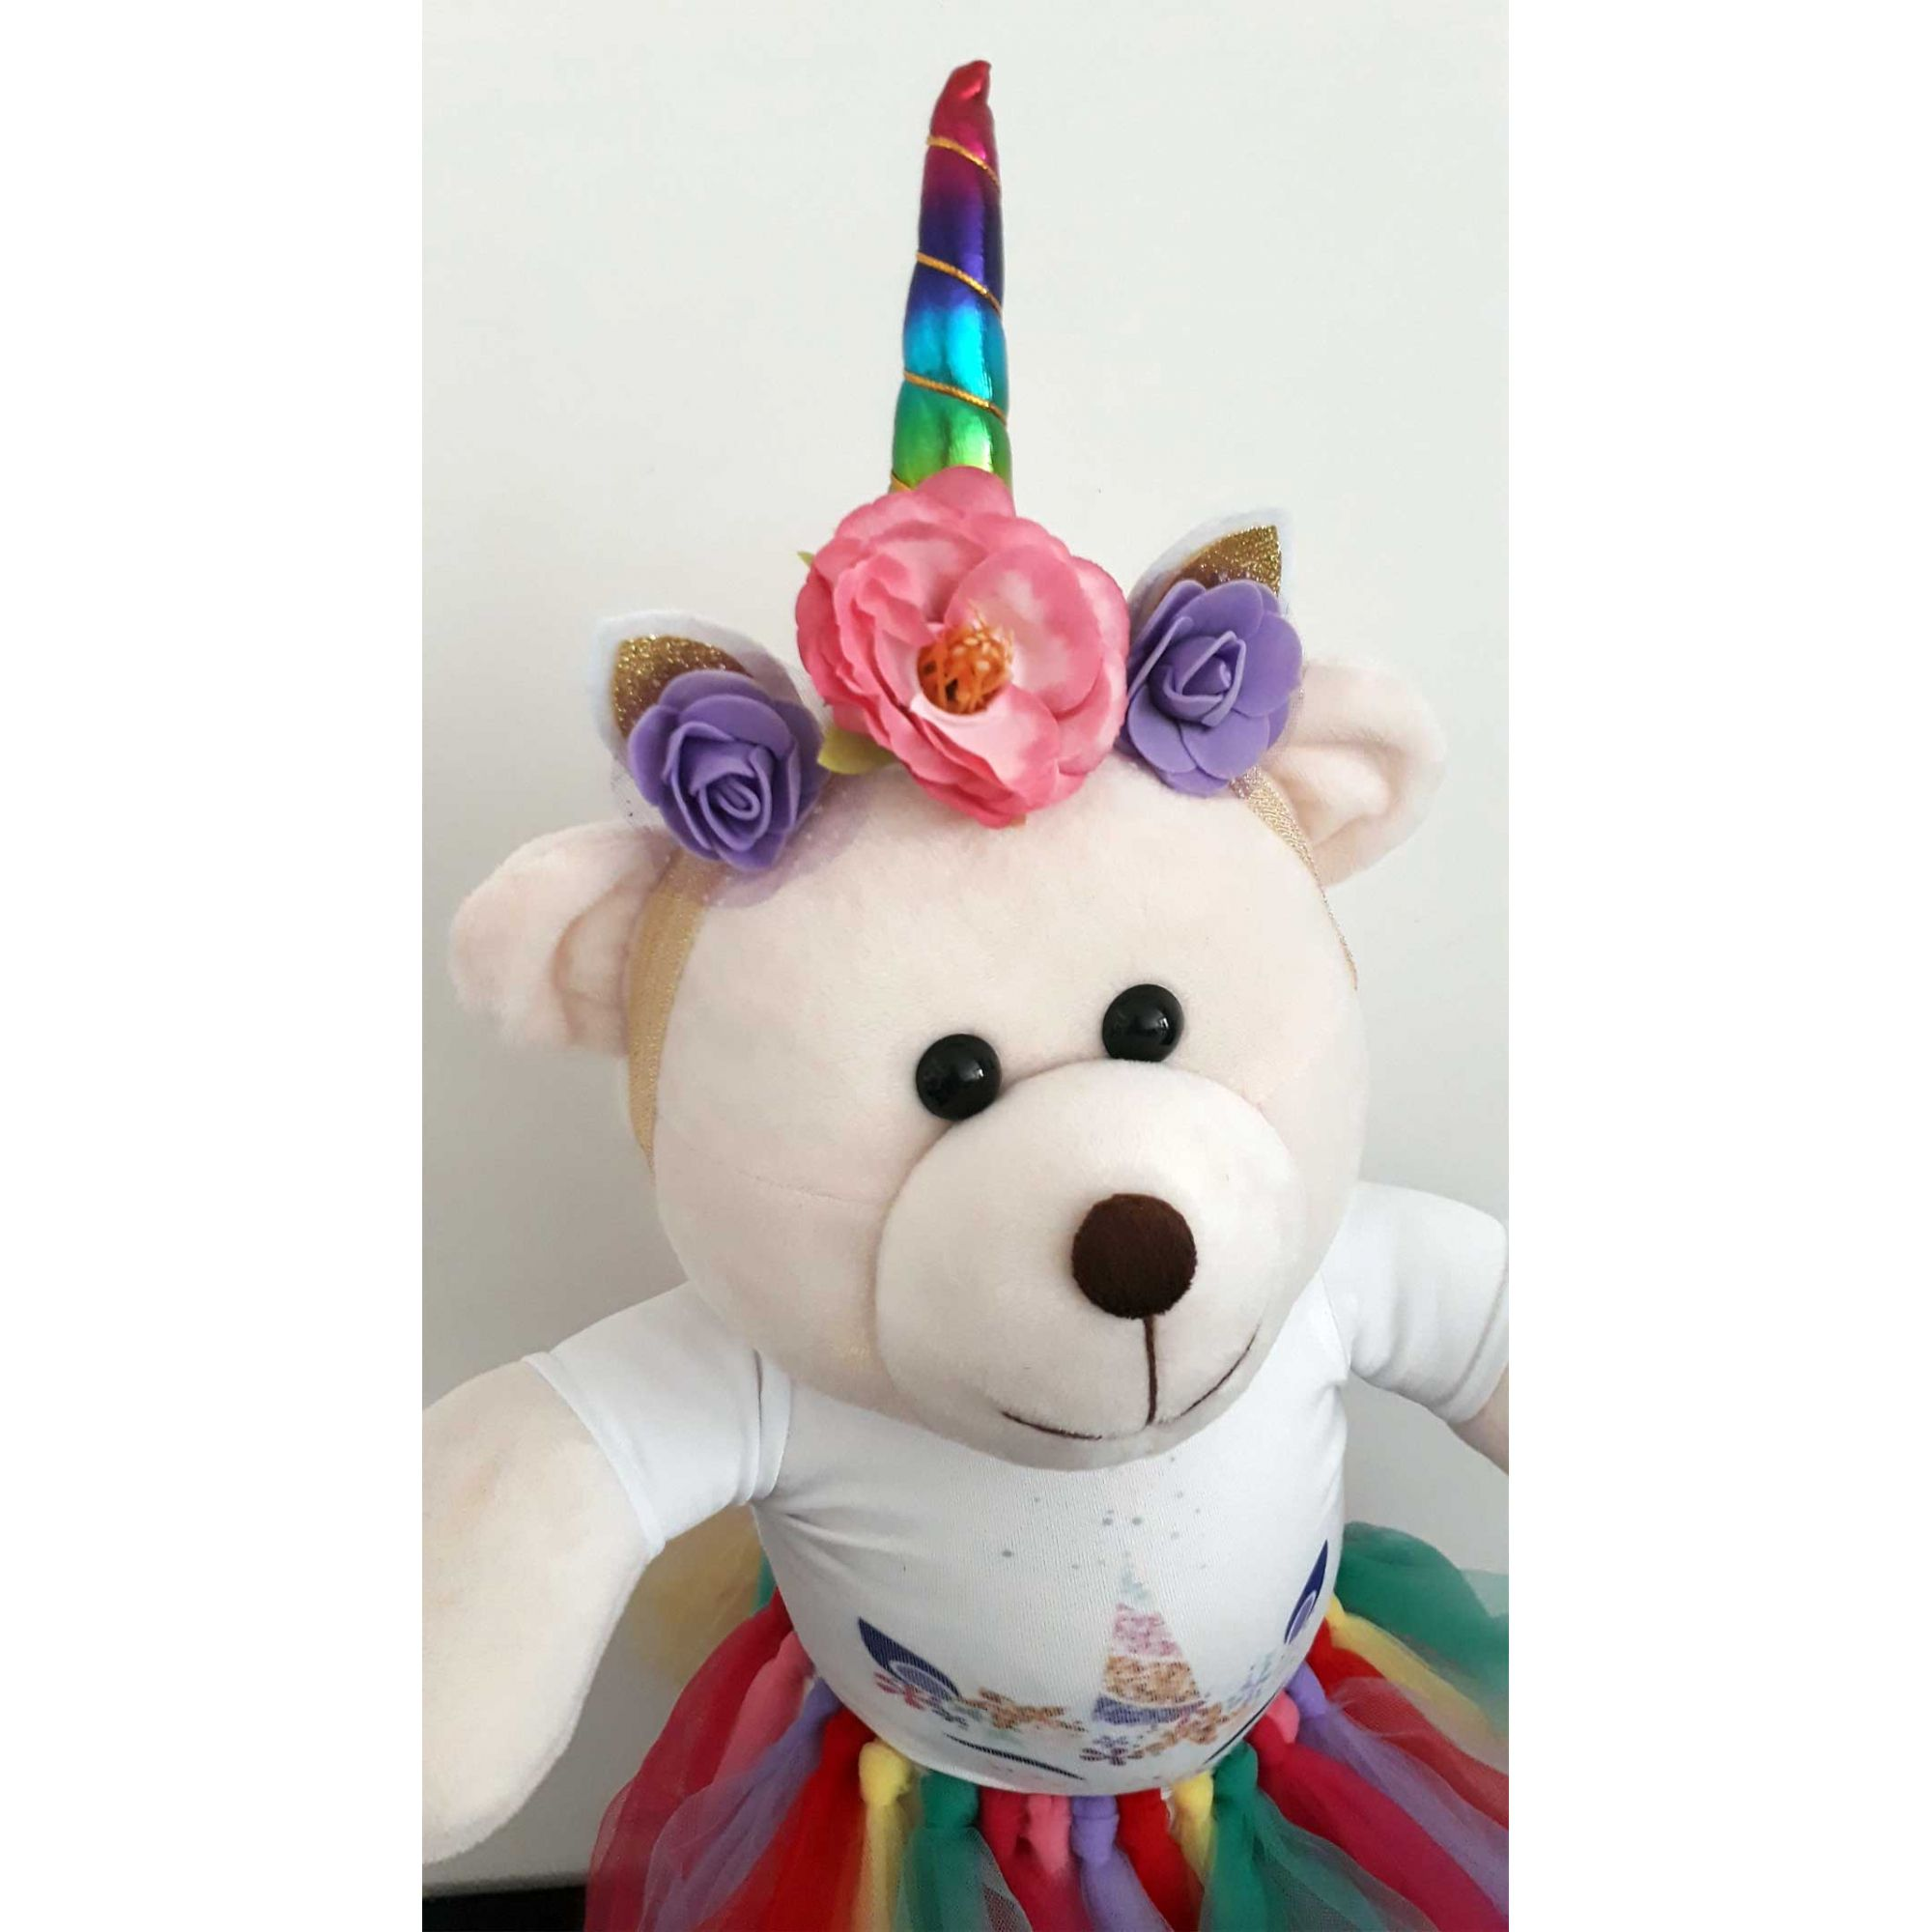 Amiga Ursa de Pelúcia Alice Unicórnio Colorido 45cm Ursinho Ursinha Urso Meigo Inseparável Com Blusinha, Sainha e Lacinho! Crie seu Amigo !